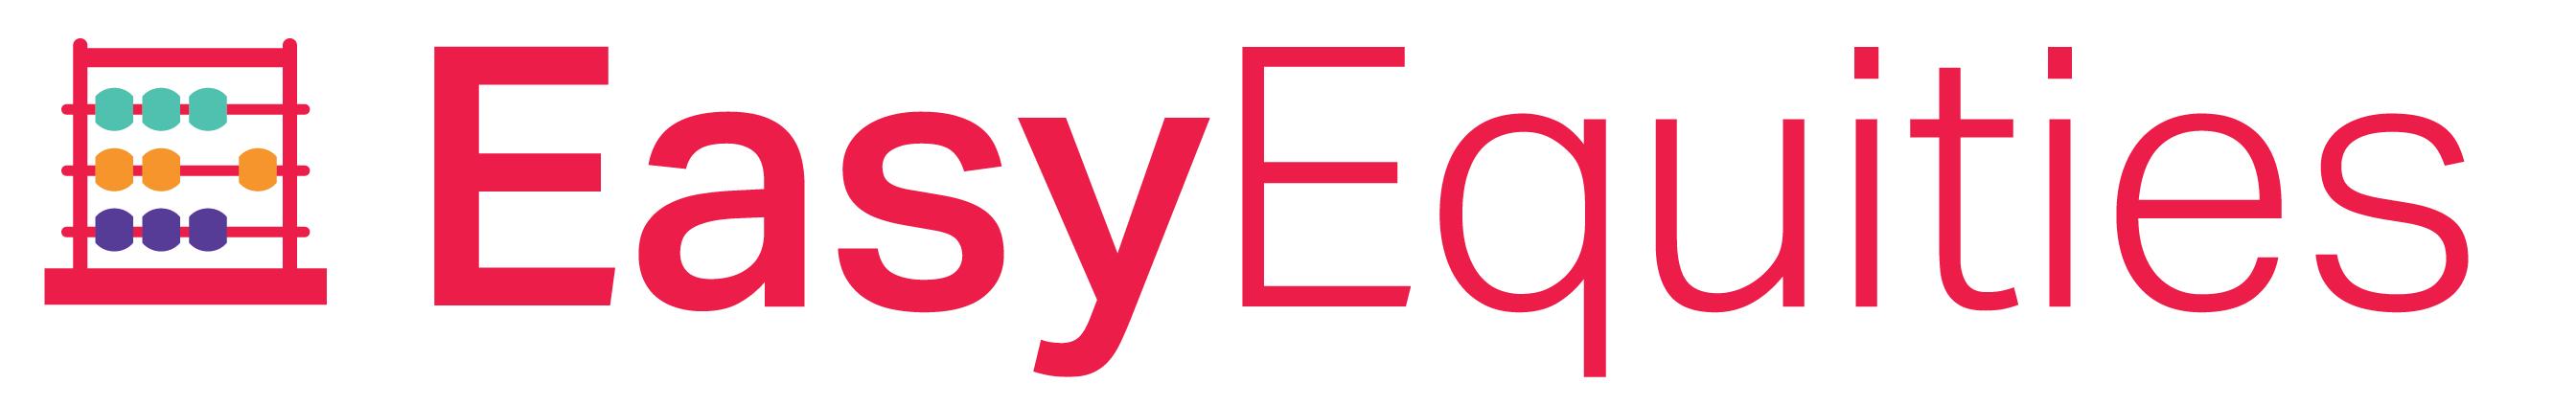 Isoflow-logo-EasyEquities-01a-16-1